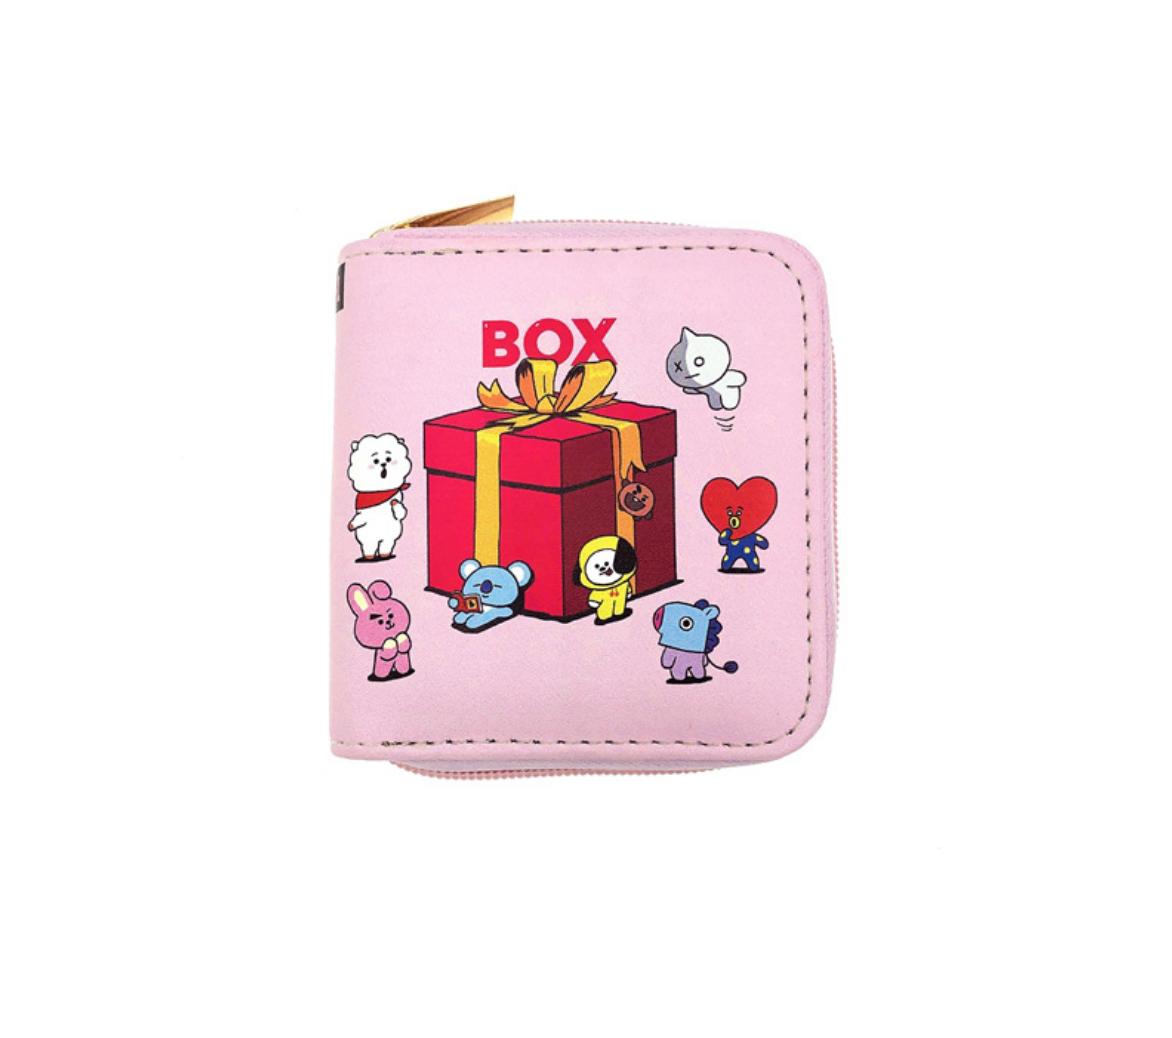 JR-408 BT21 Box Present Wallet